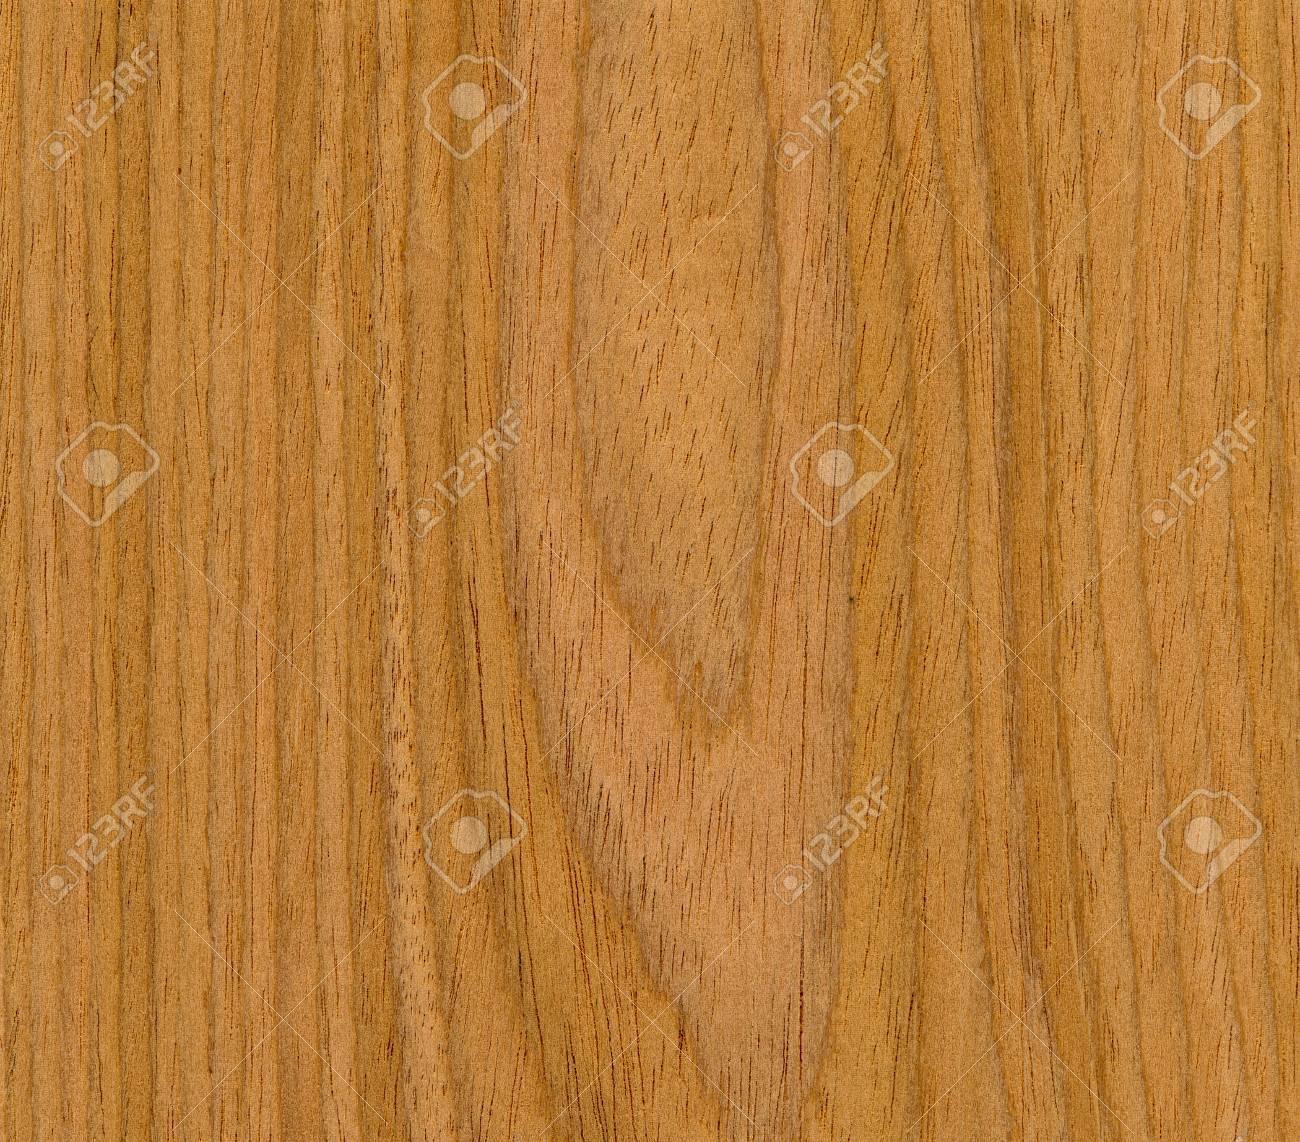 https://previews.123rf.com/images/serdarbasak/serdarbasak1510/serdarbasak151000102/47392684-grano-texture-legno-di-ciliegio-pu%C3%B2-essere-utilizzato-come-sfondo.jpg